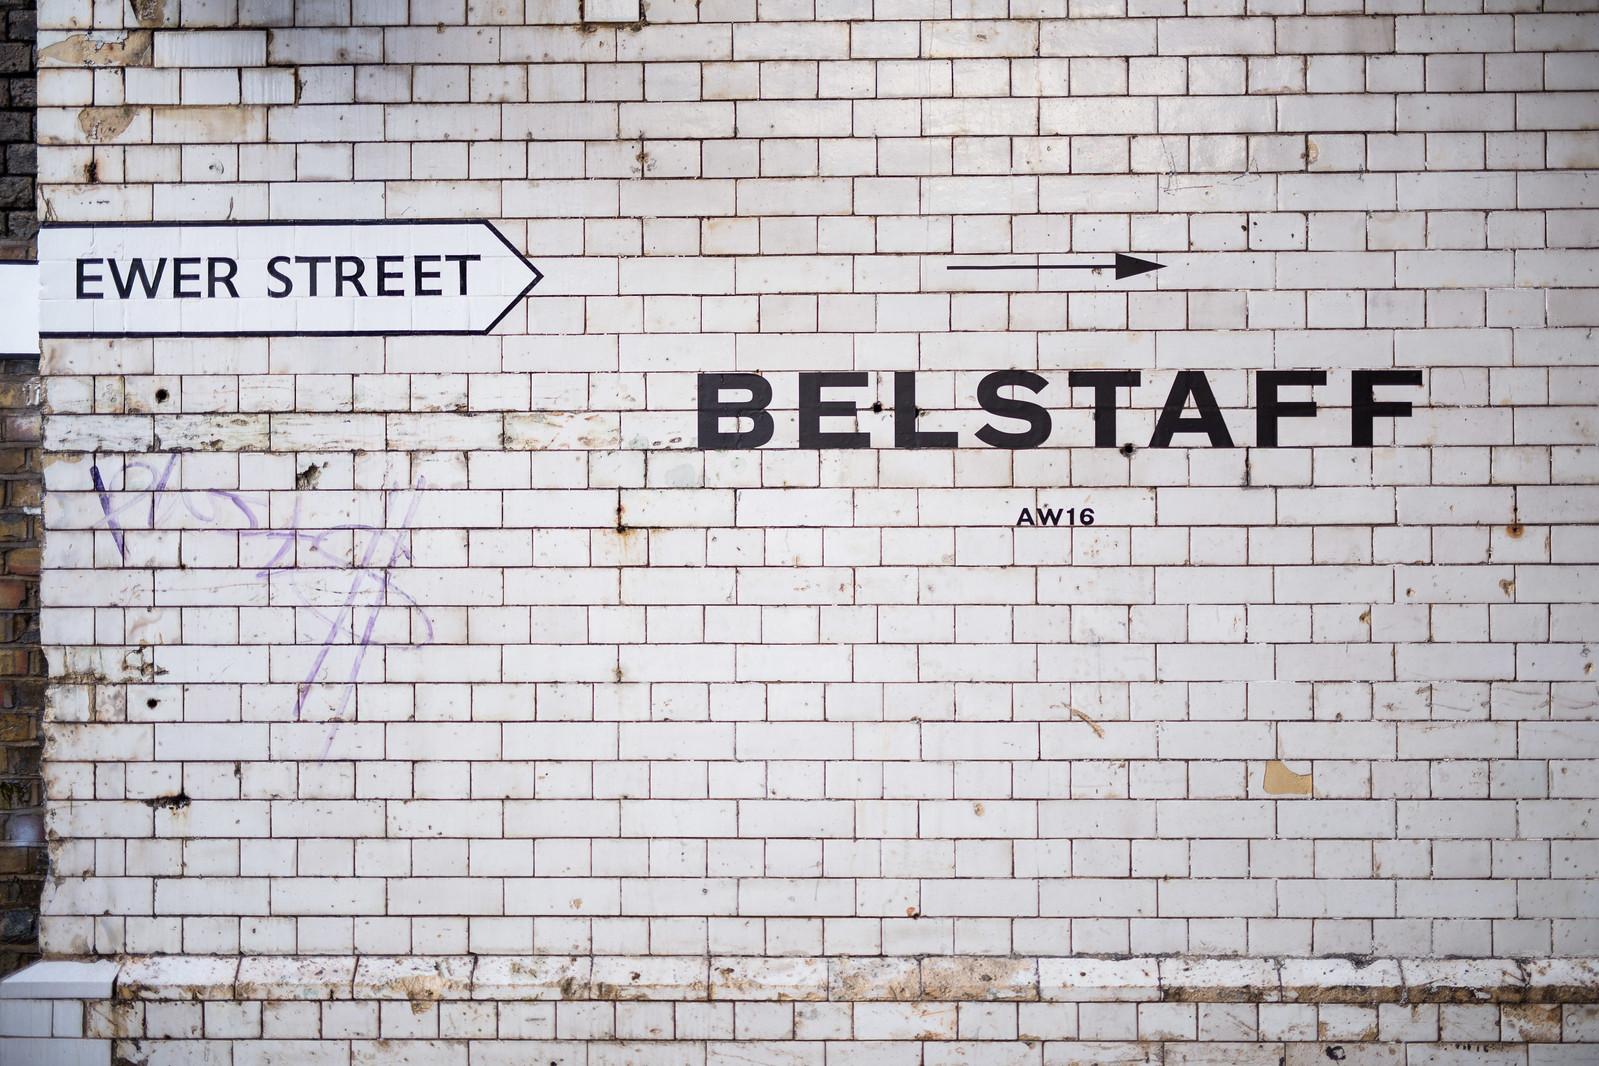 Belstaff AW16